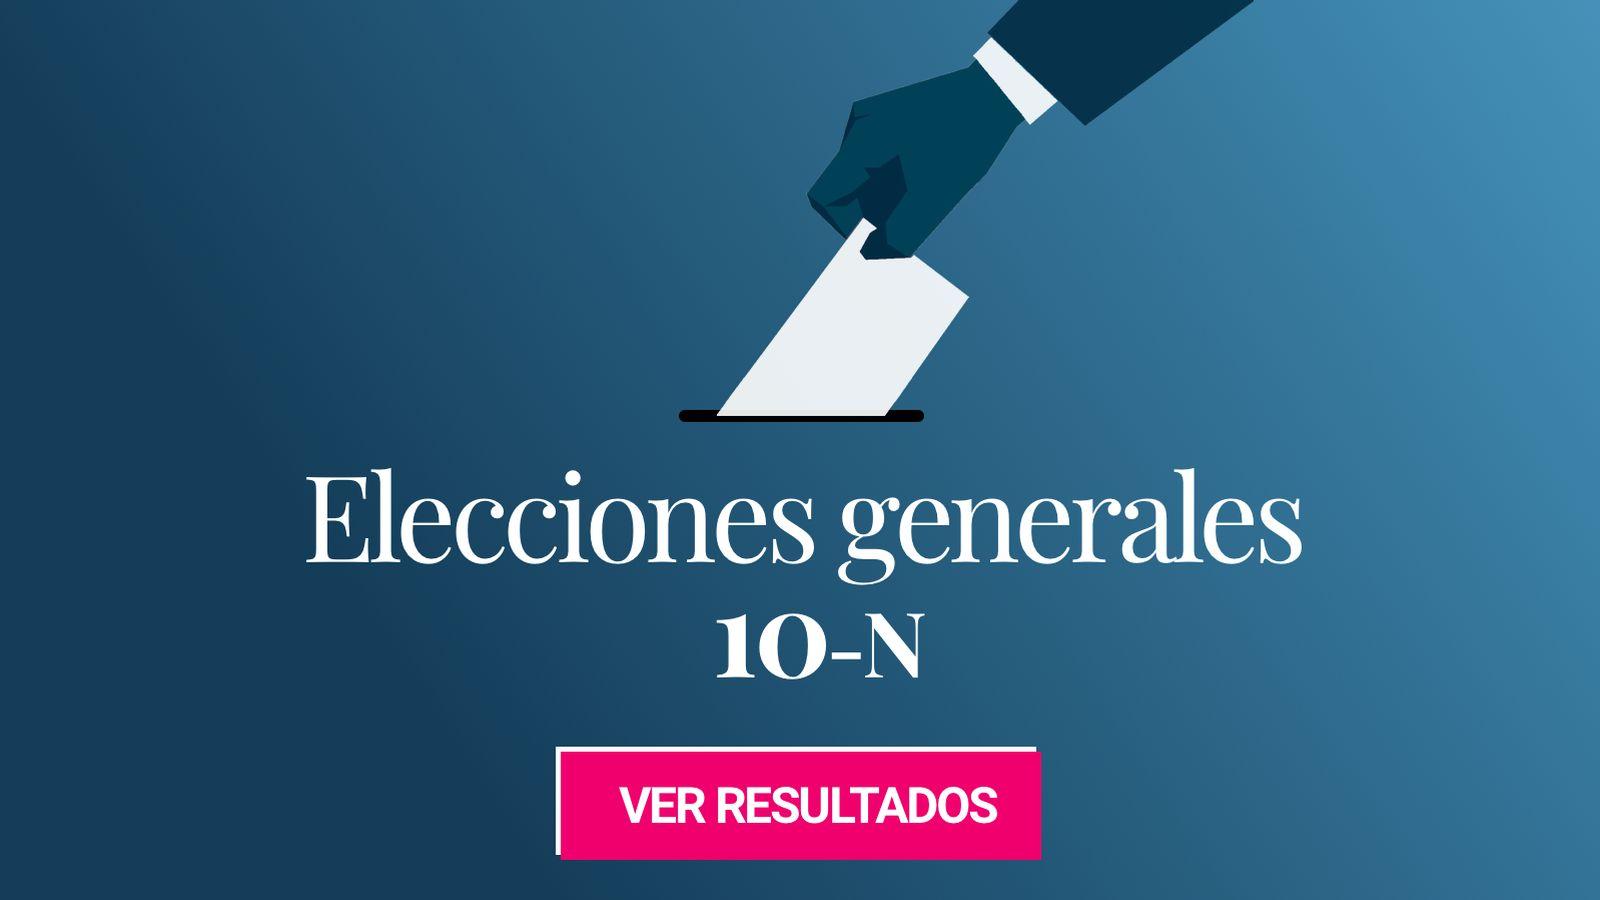 Foto: Elecciones generalaes 2019. (C.C./EC)